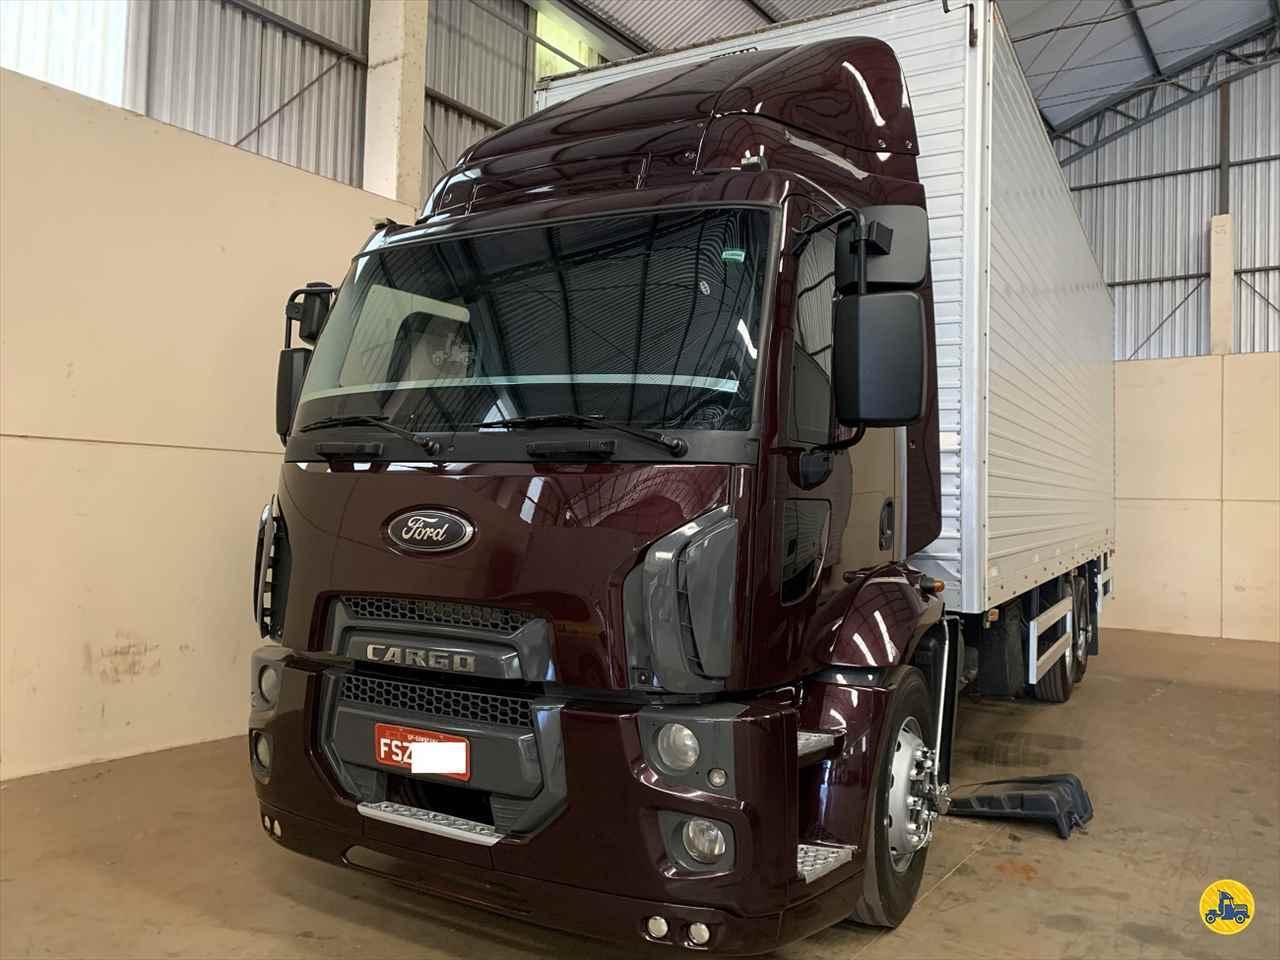 CAMINHAO FORD CARGO 2423 Baú Furgão Truck 6x2 Estacionamento Gaúcho ARAPONGAS PARANÁ PR